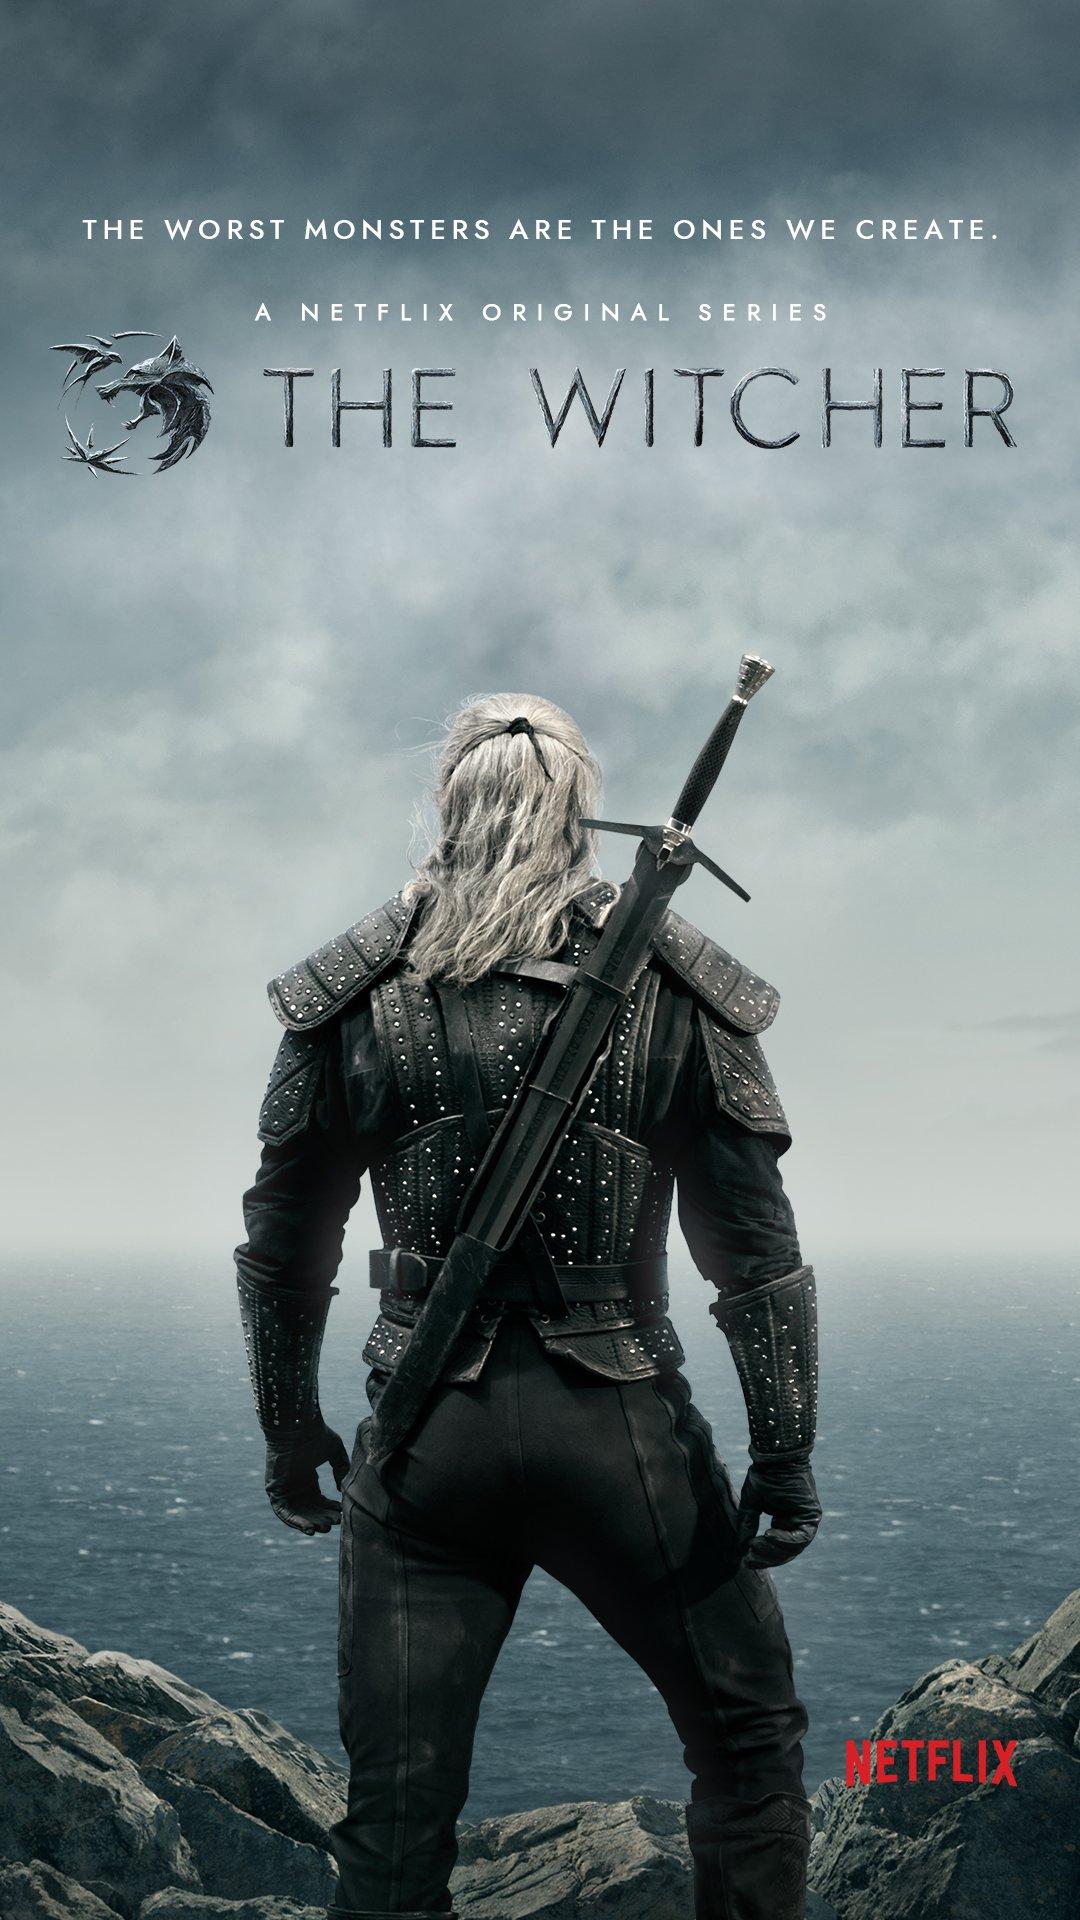 """Résultat de recherche d'images pour """"The Witcher poster netflix"""""""